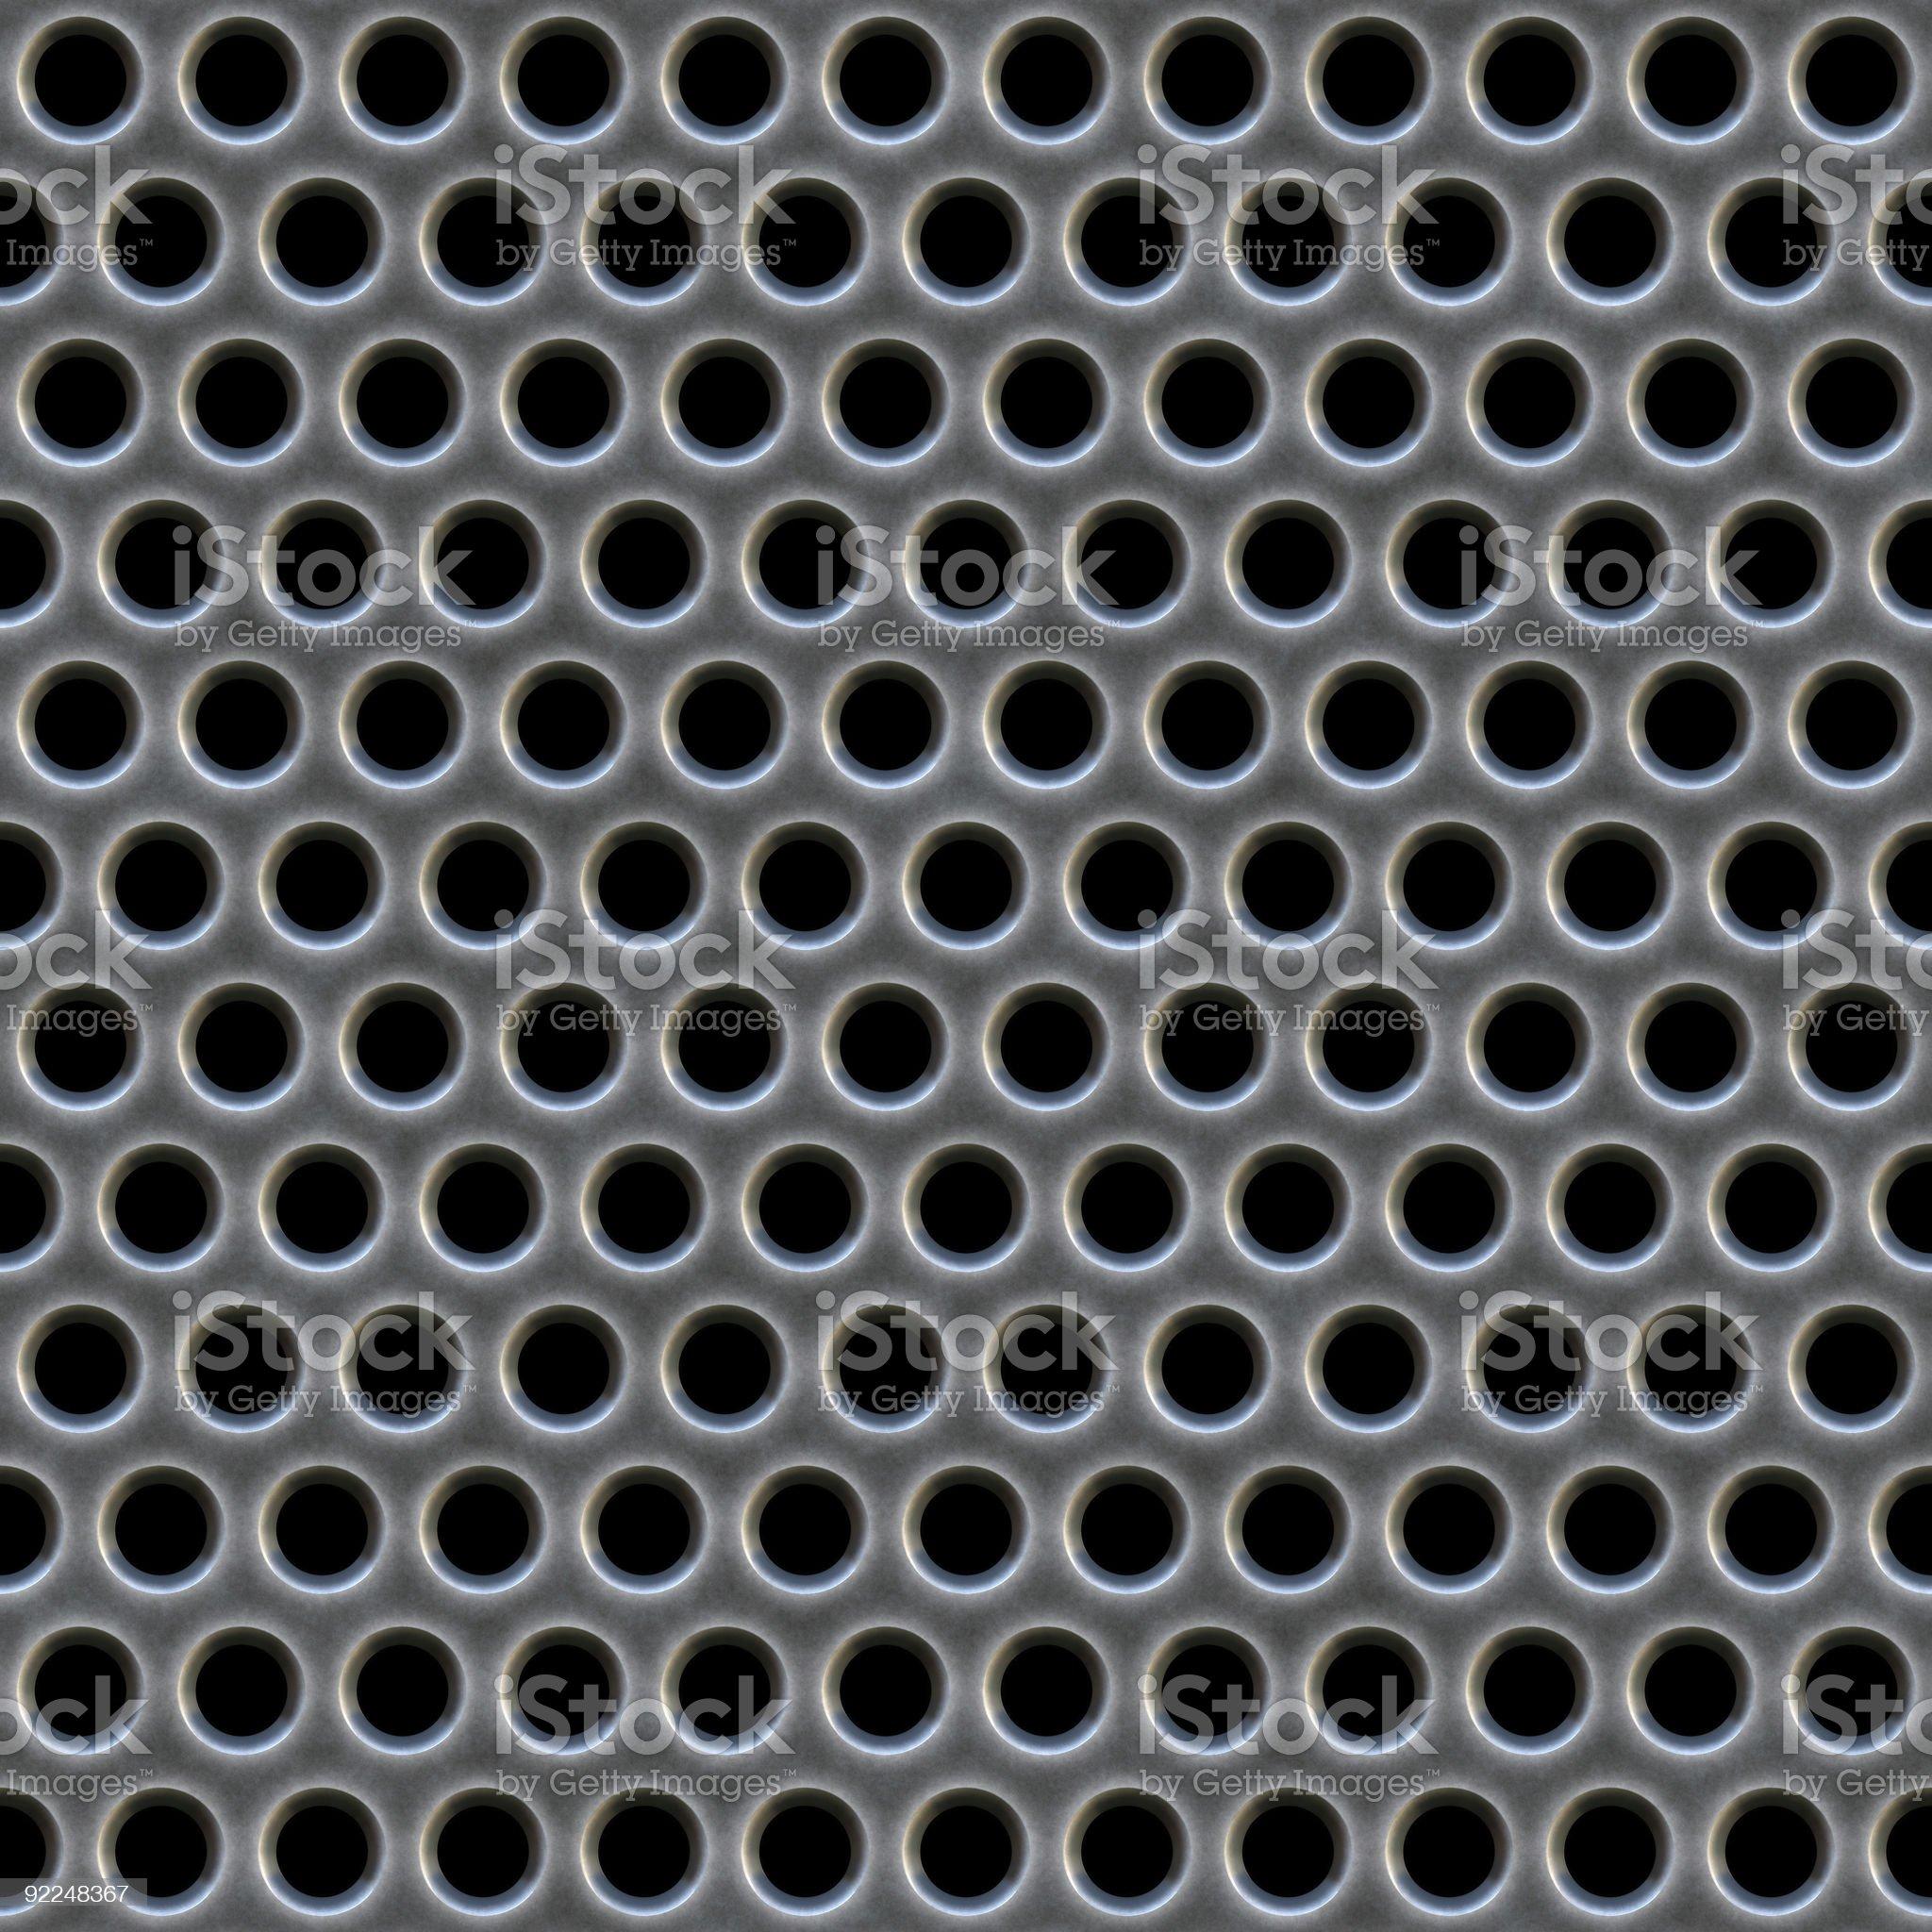 Metal Mesh Pattern royalty-free stock photo